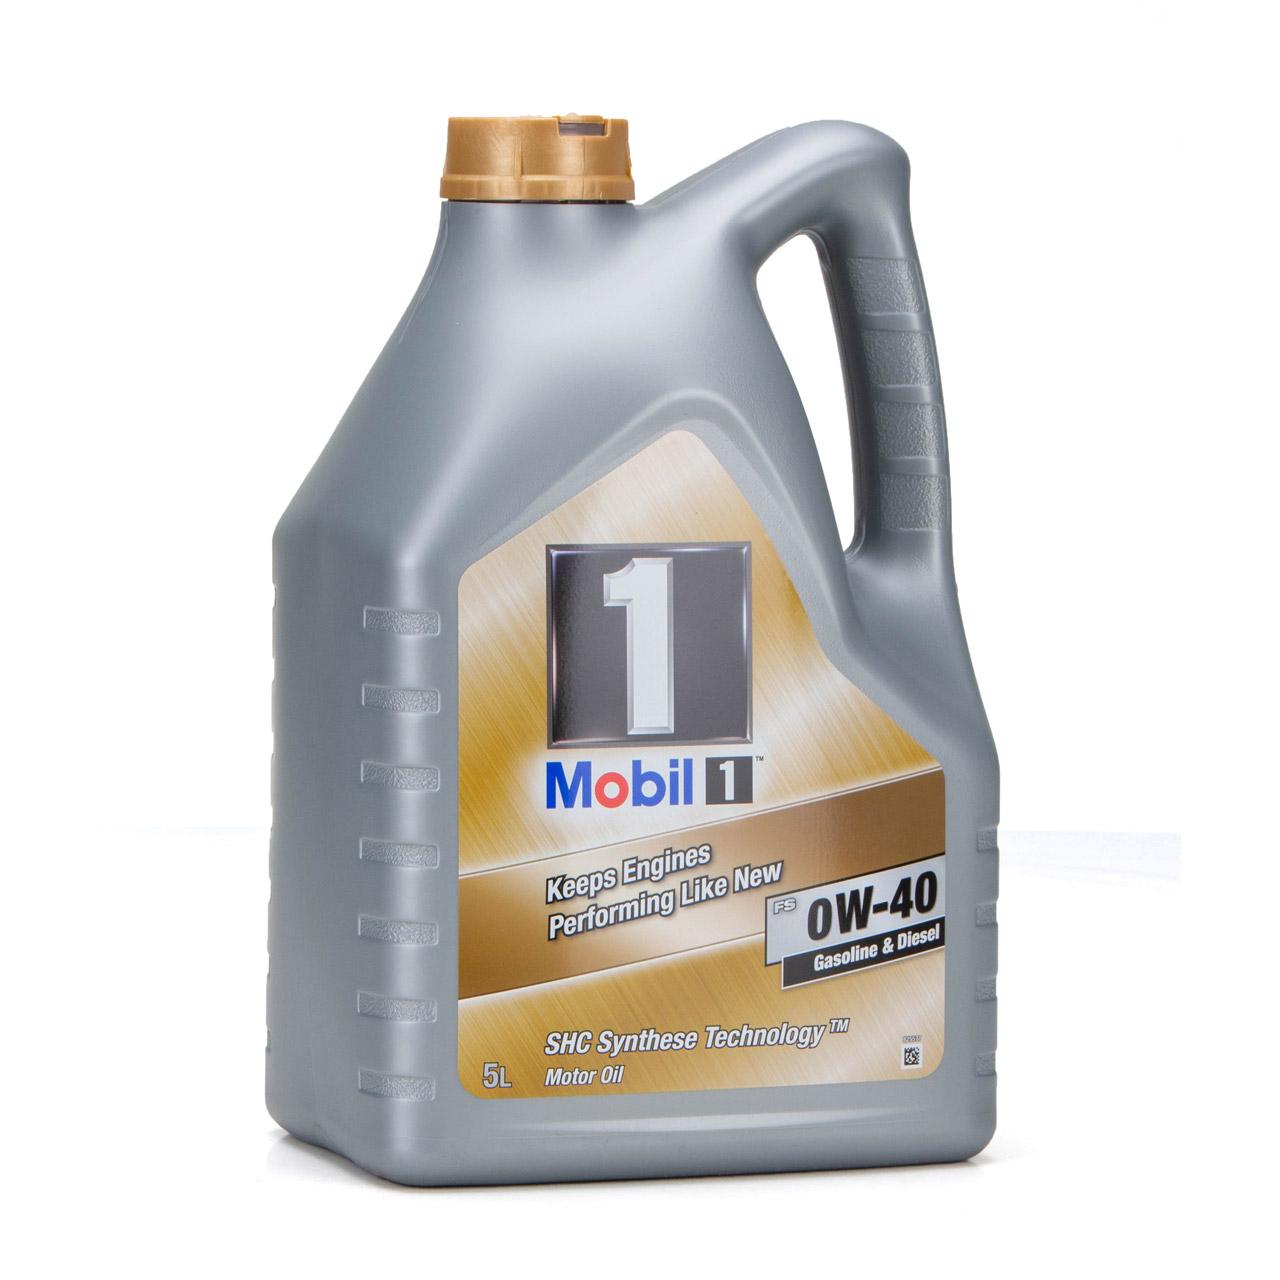 Mobil 1 FS Motoröl Öl 0W-40 0W40 MB PORSCHE A40 VW 502.00 505.00 - 5L 5 Liter